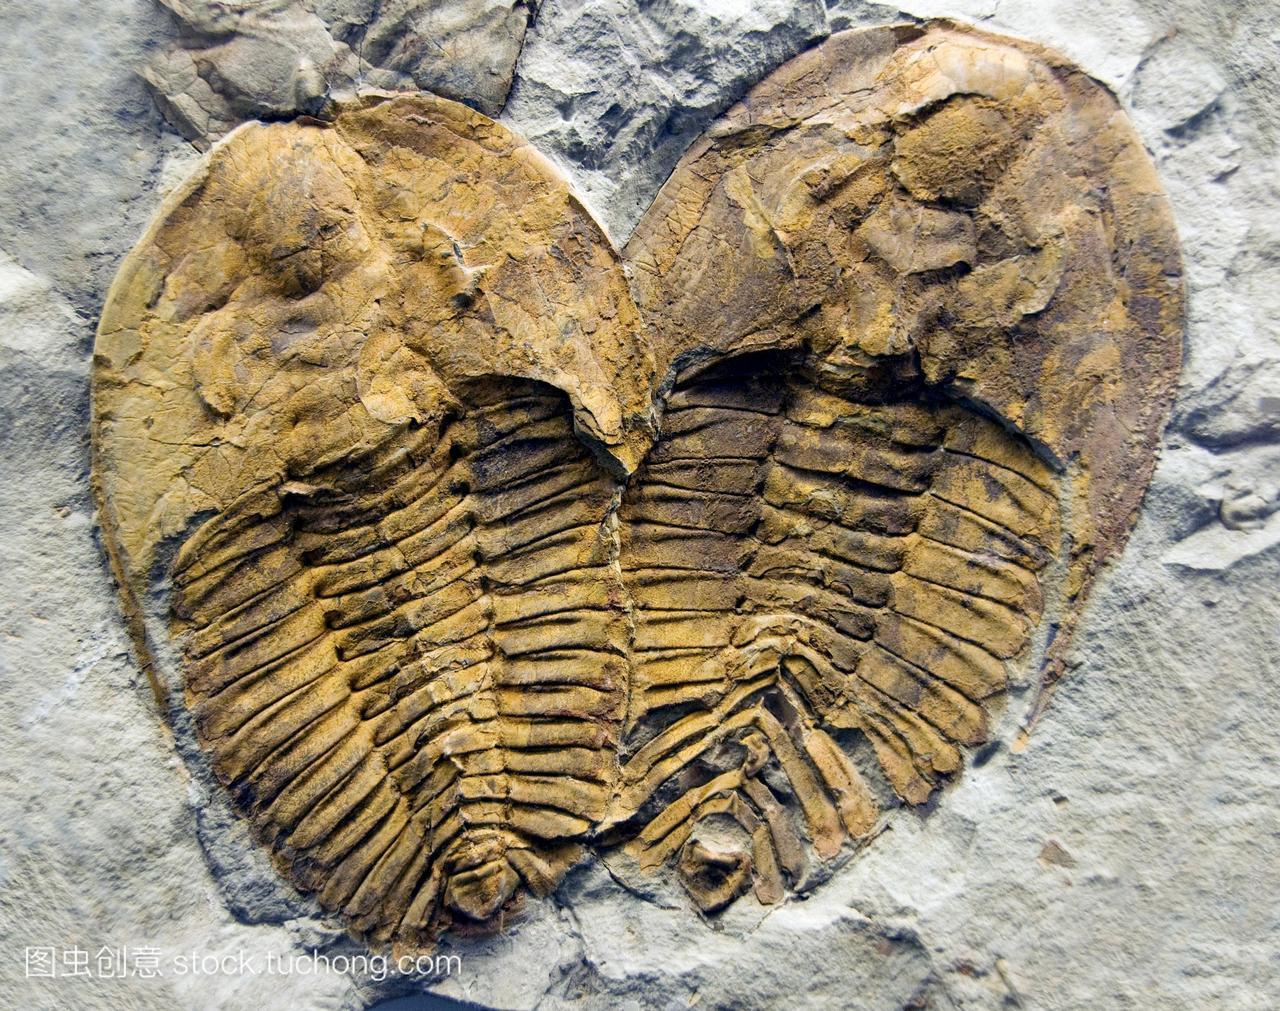 三叶虫化石。从寒武纪时期约542-490万年前中